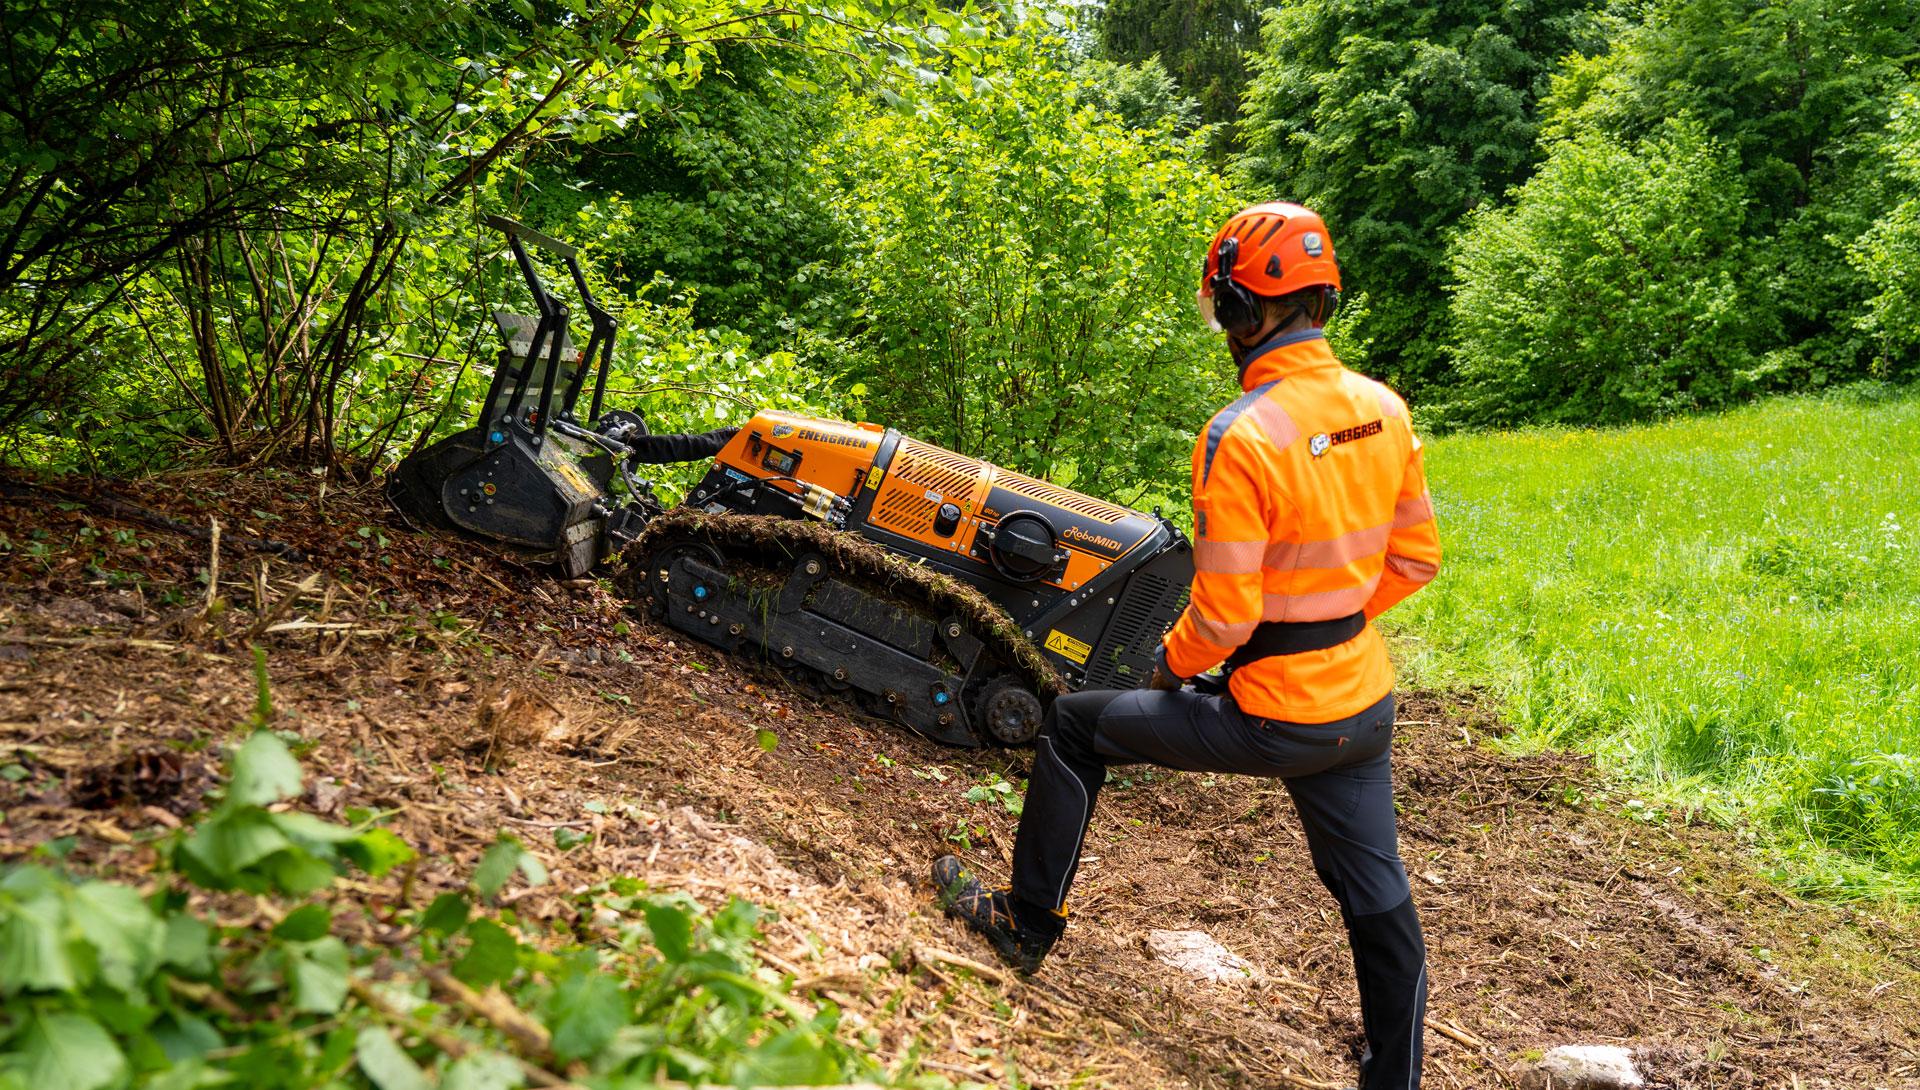 slide - robomidi - forestry head - forstmulcher - energreen germany - die technik fur die profis in der grunpflege